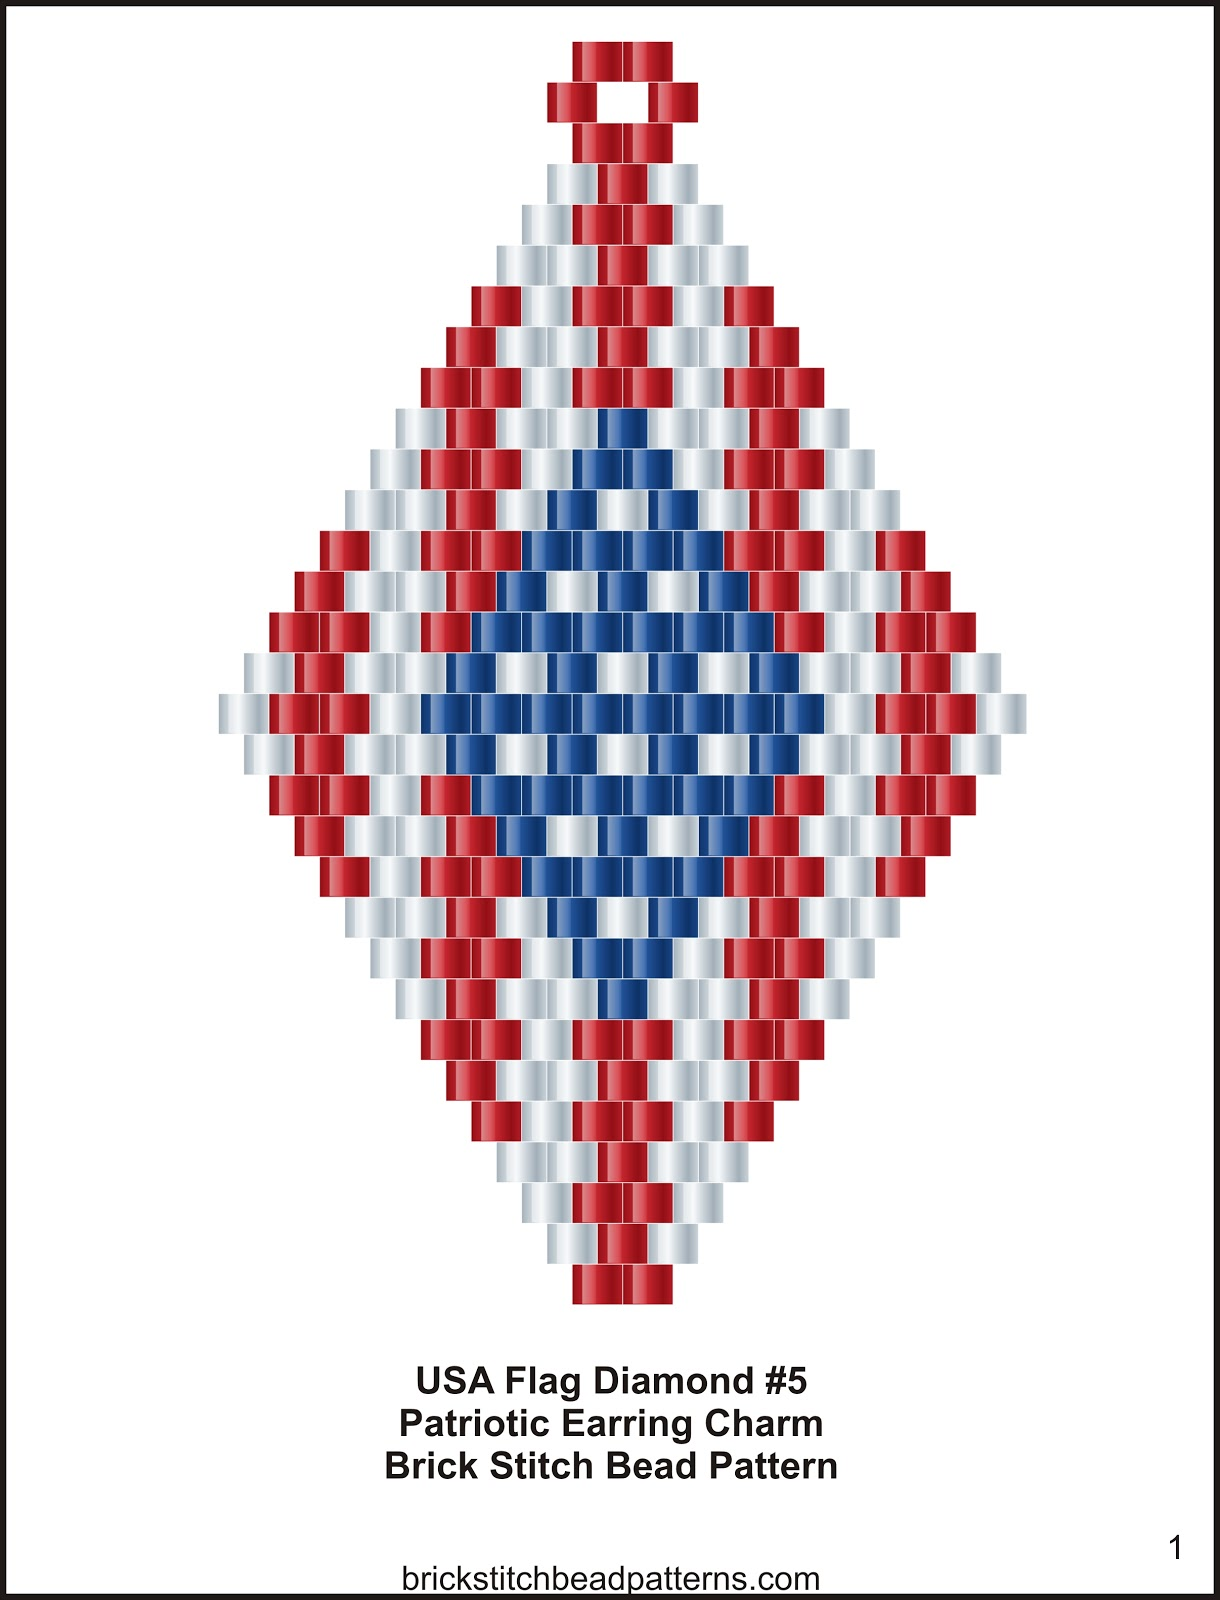 Brick Stitch Bead Patterns Journal: USA Flag Diamond #5 ...